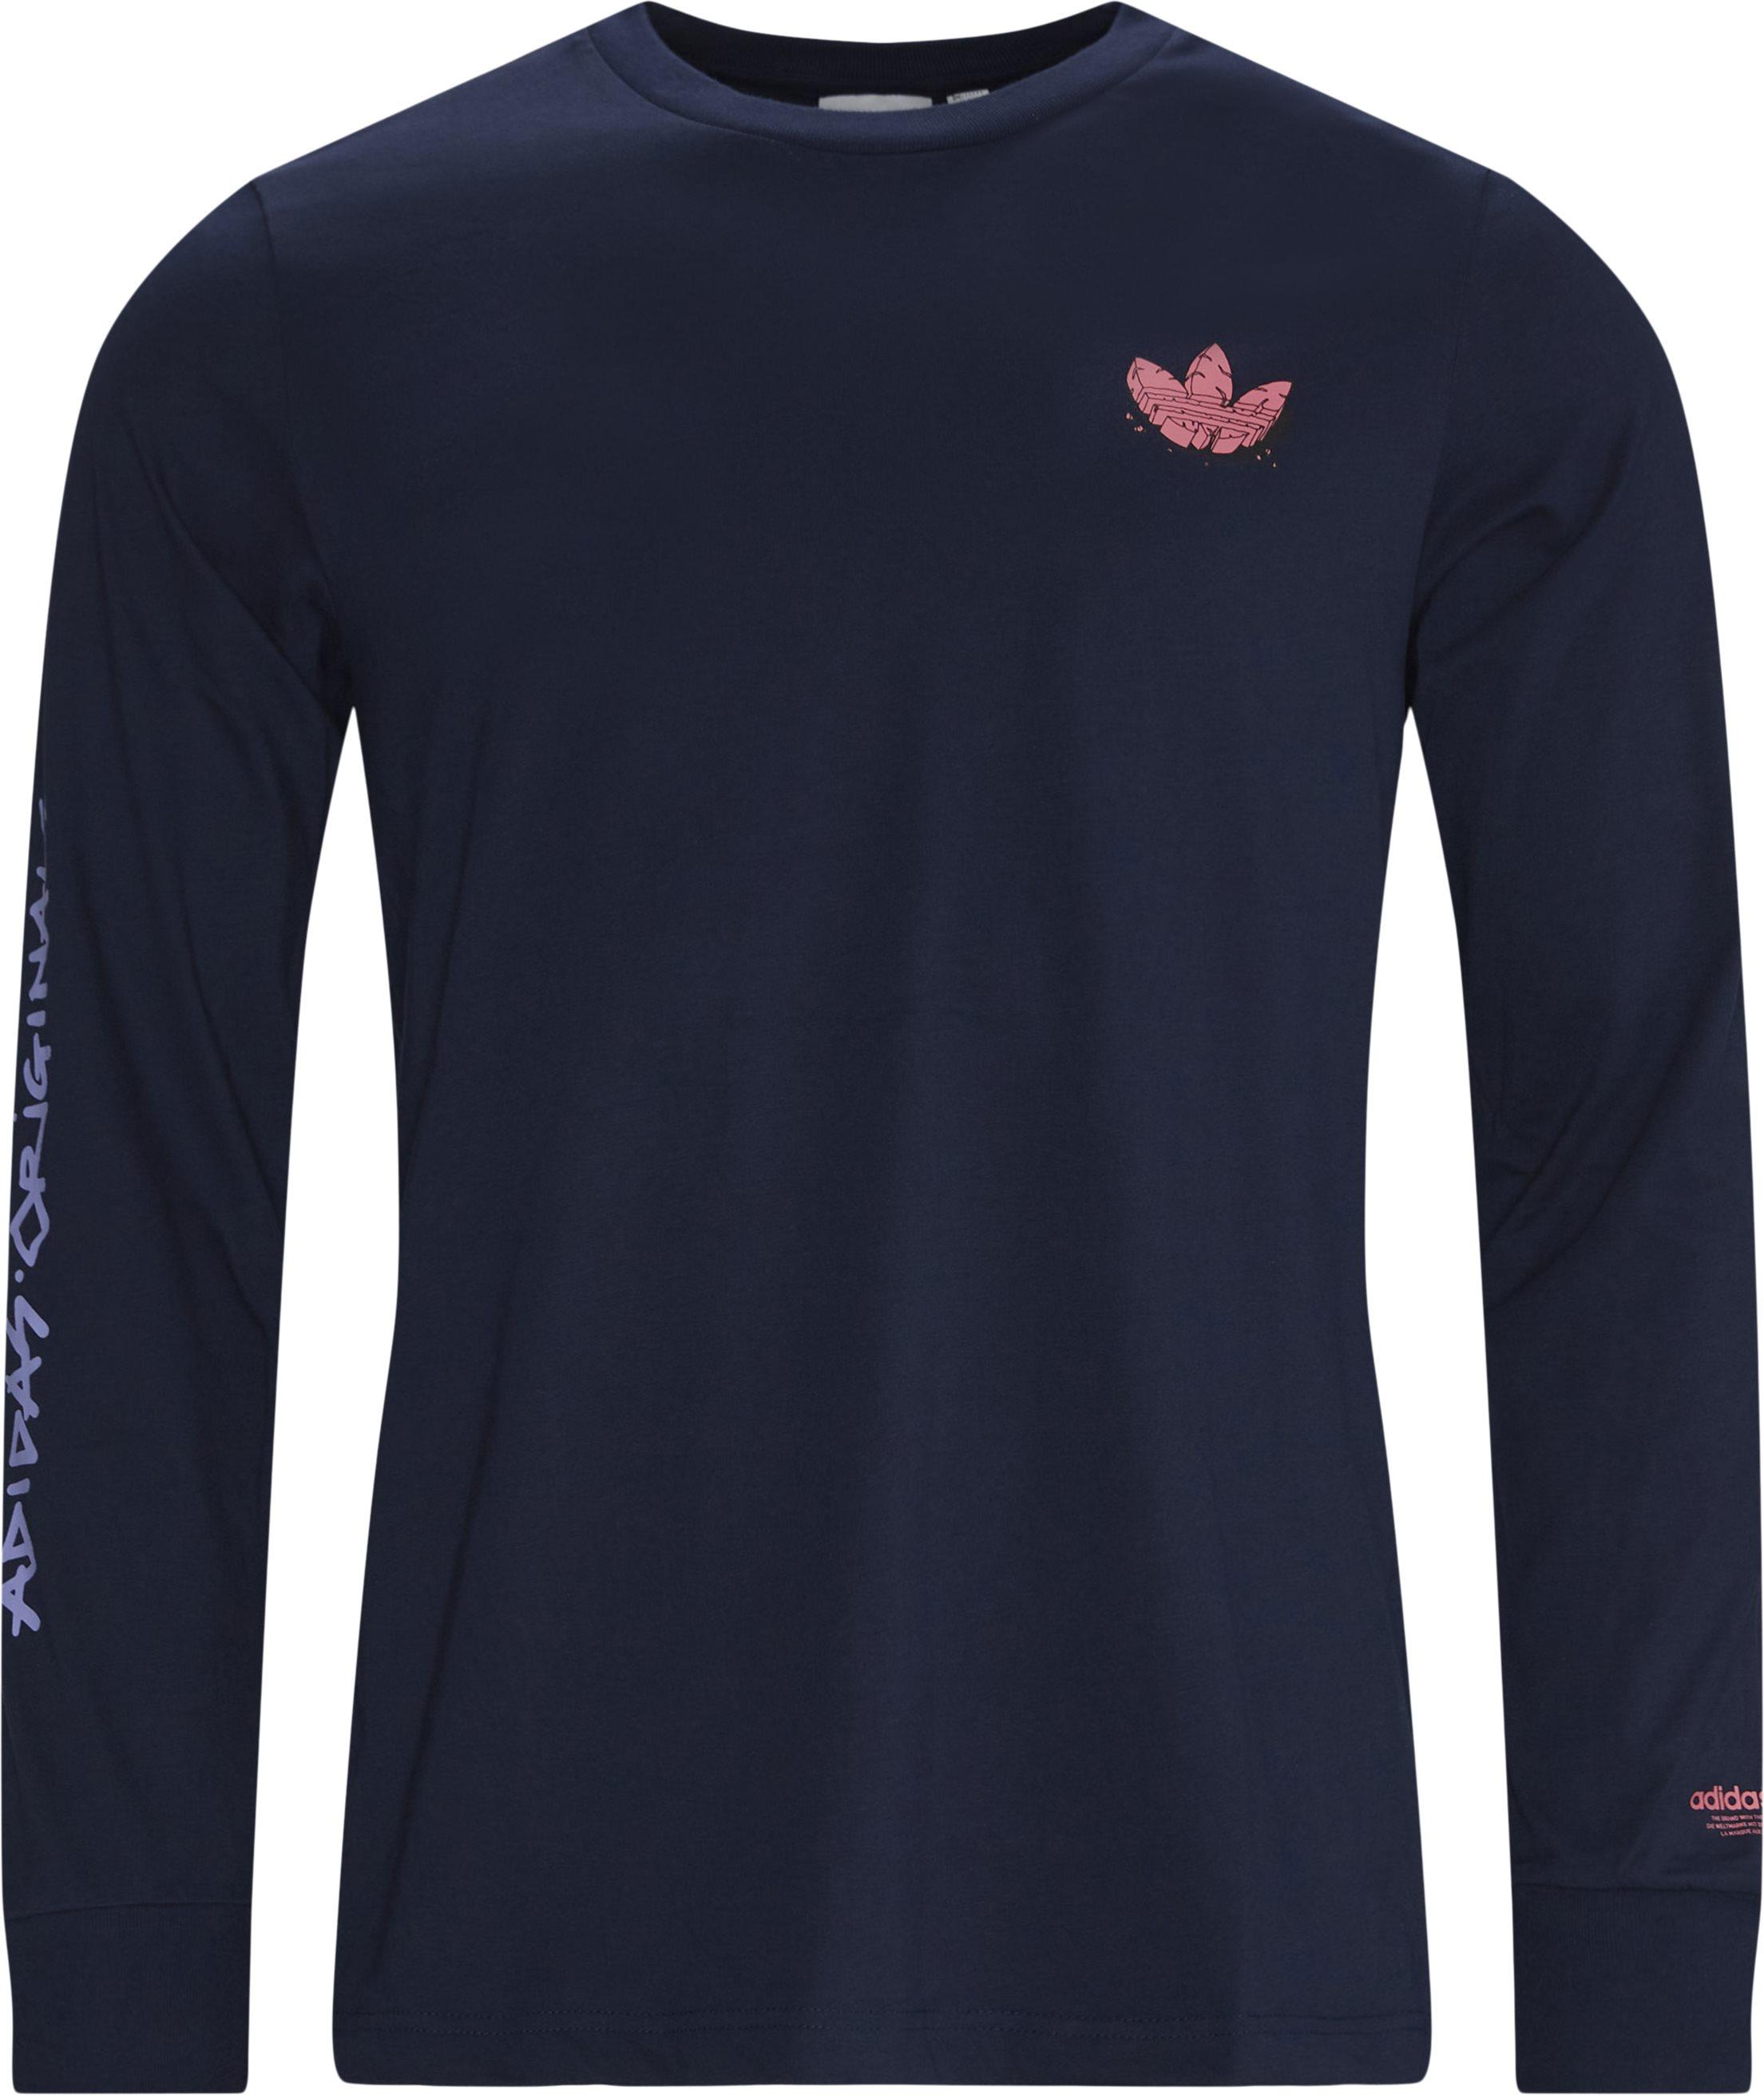 LS Logo Tee - T-shirts - Regular fit - Blå